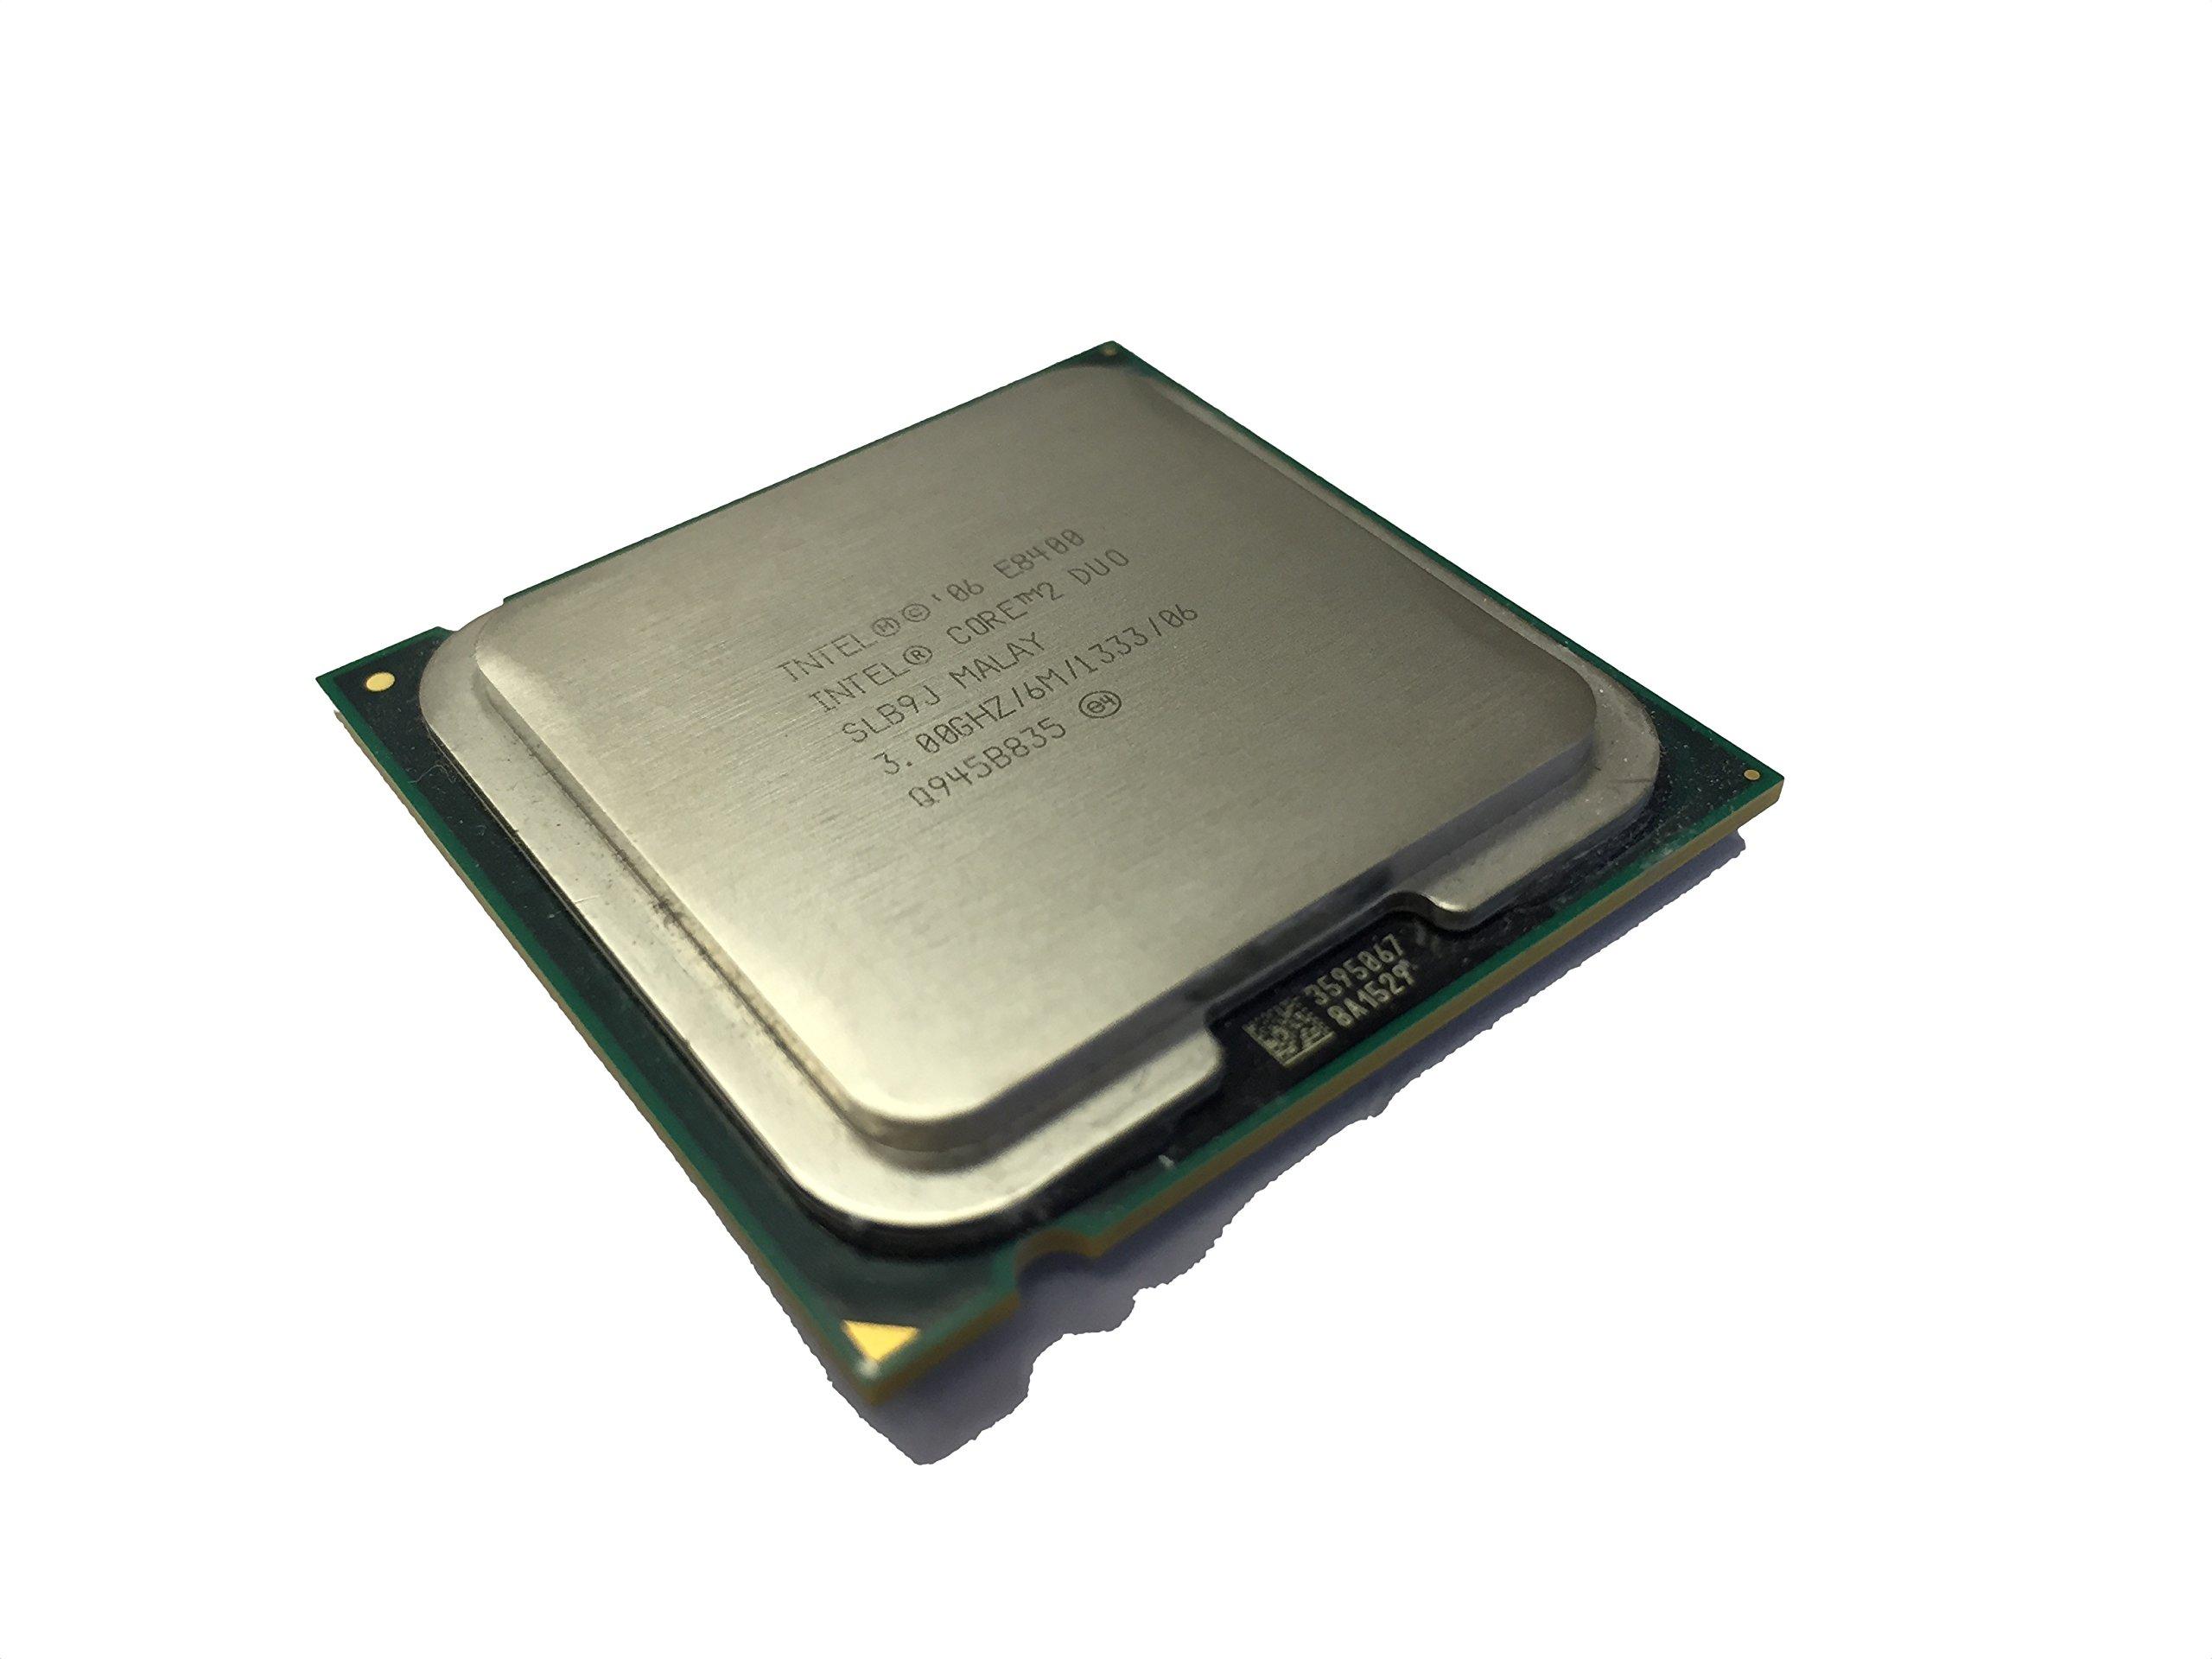 Intel Core 2 Duo E8400 3.0GHz 6MB CPU Processor LGA775 SLAPL SLB9J by Dell (Image #1)